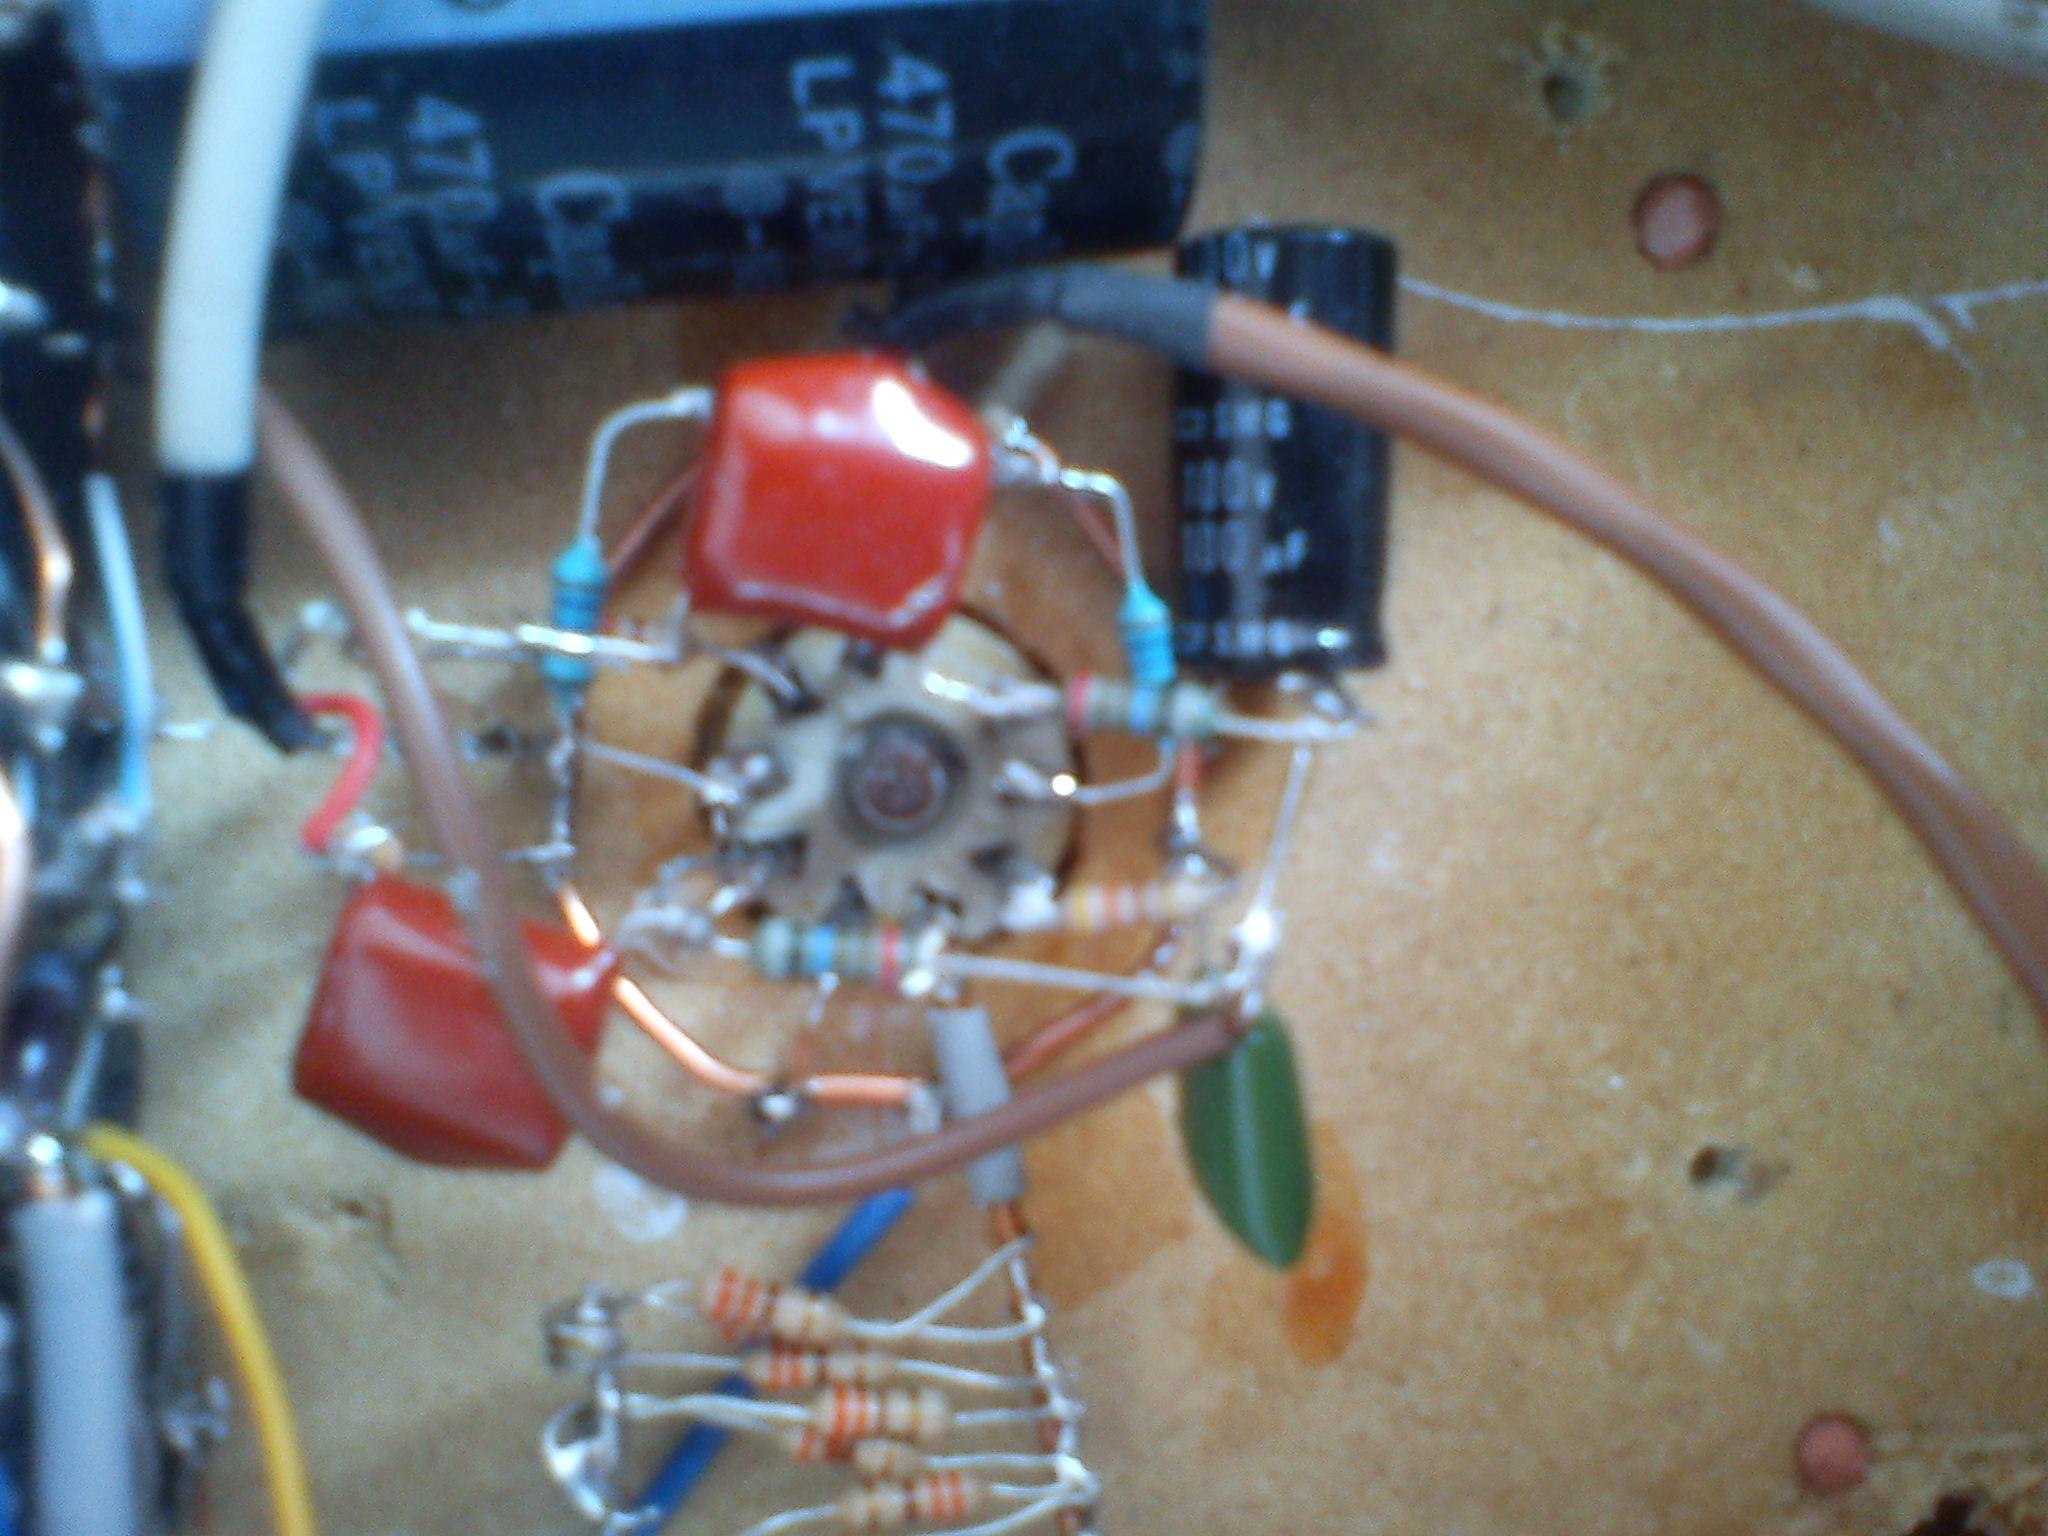 PCC88  - Bufor lampowy, napiecie na wyj�ciu